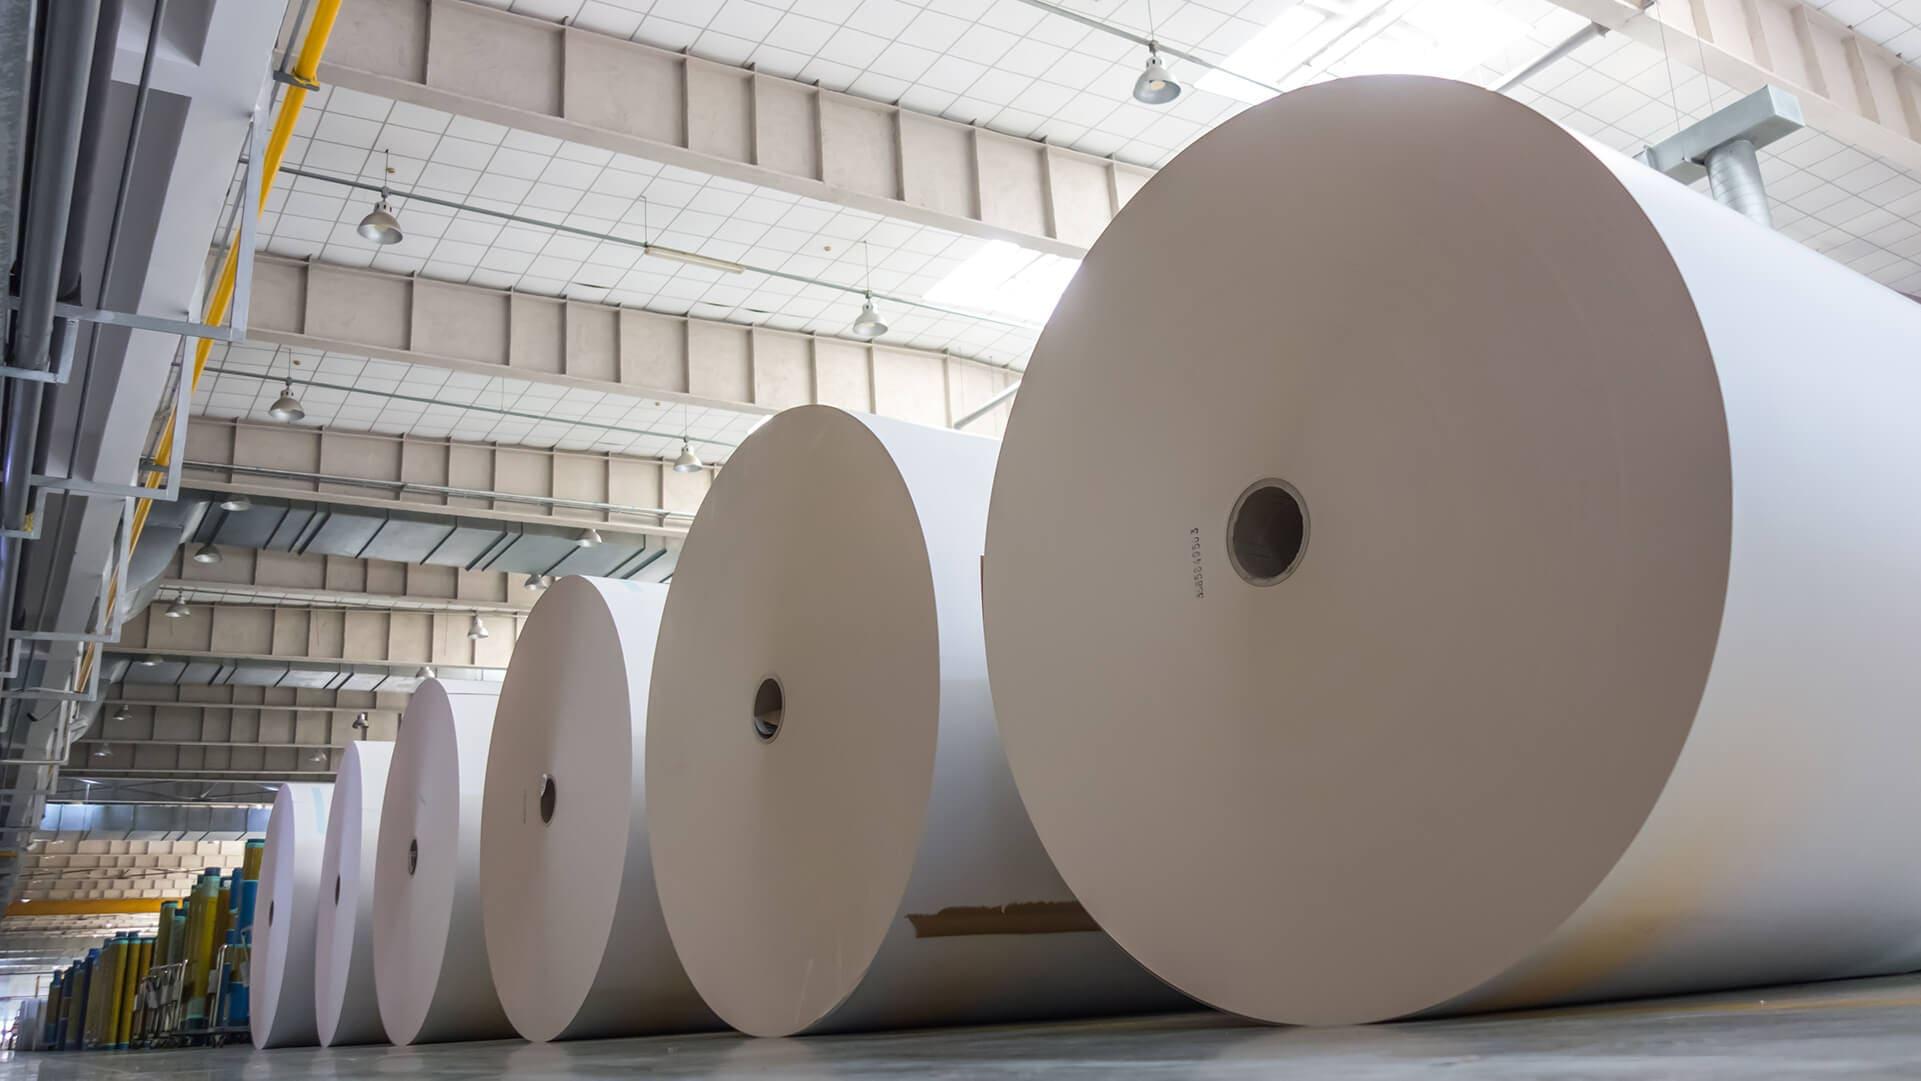 przemysl papierniczy - Home